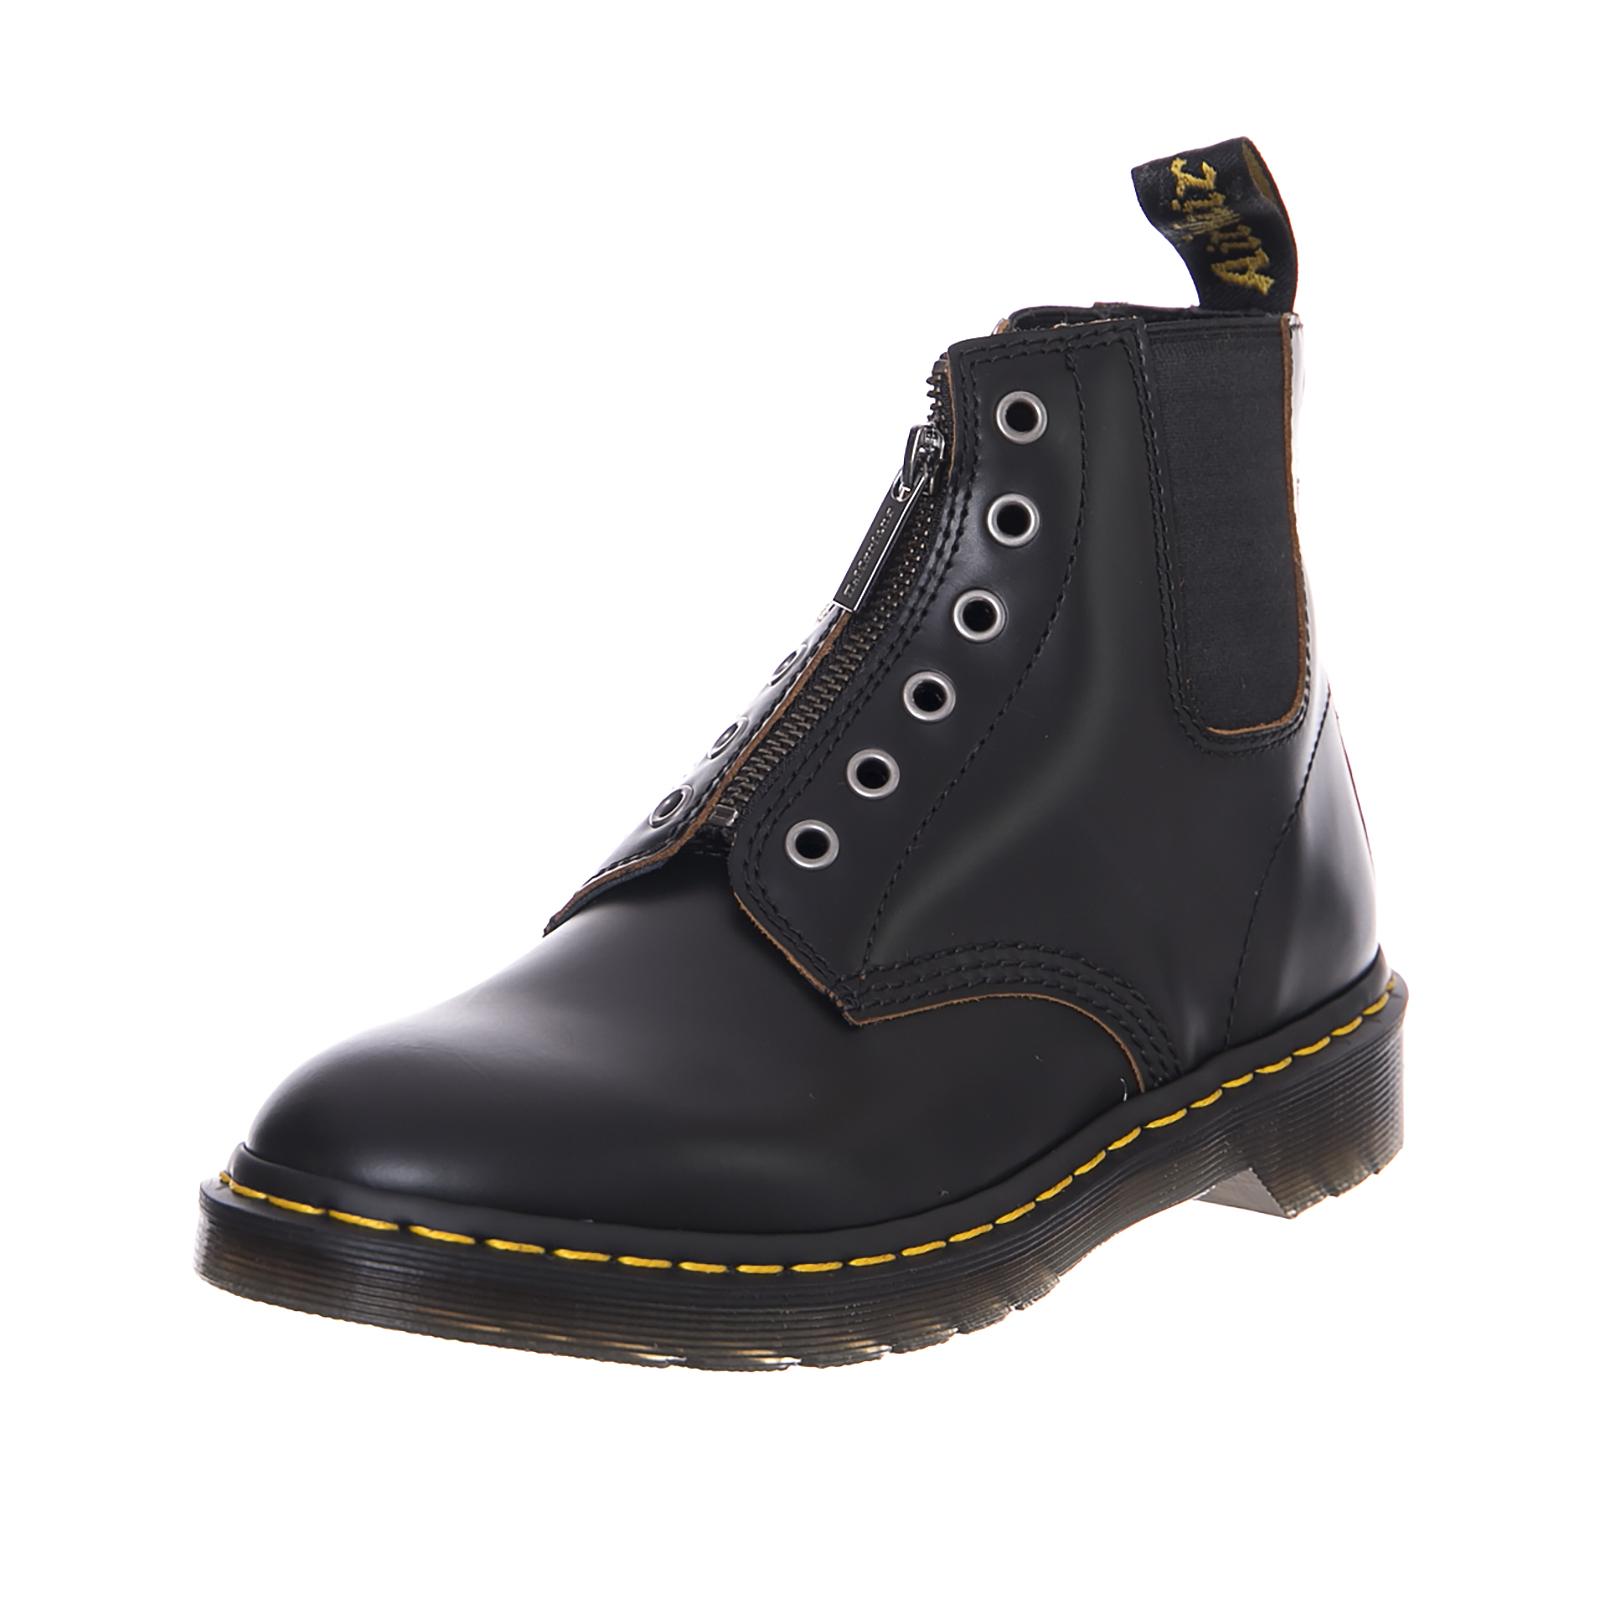 Details zu Dr.Martens Stiefel 101 Gst Black Vintage Glatt Schwarz